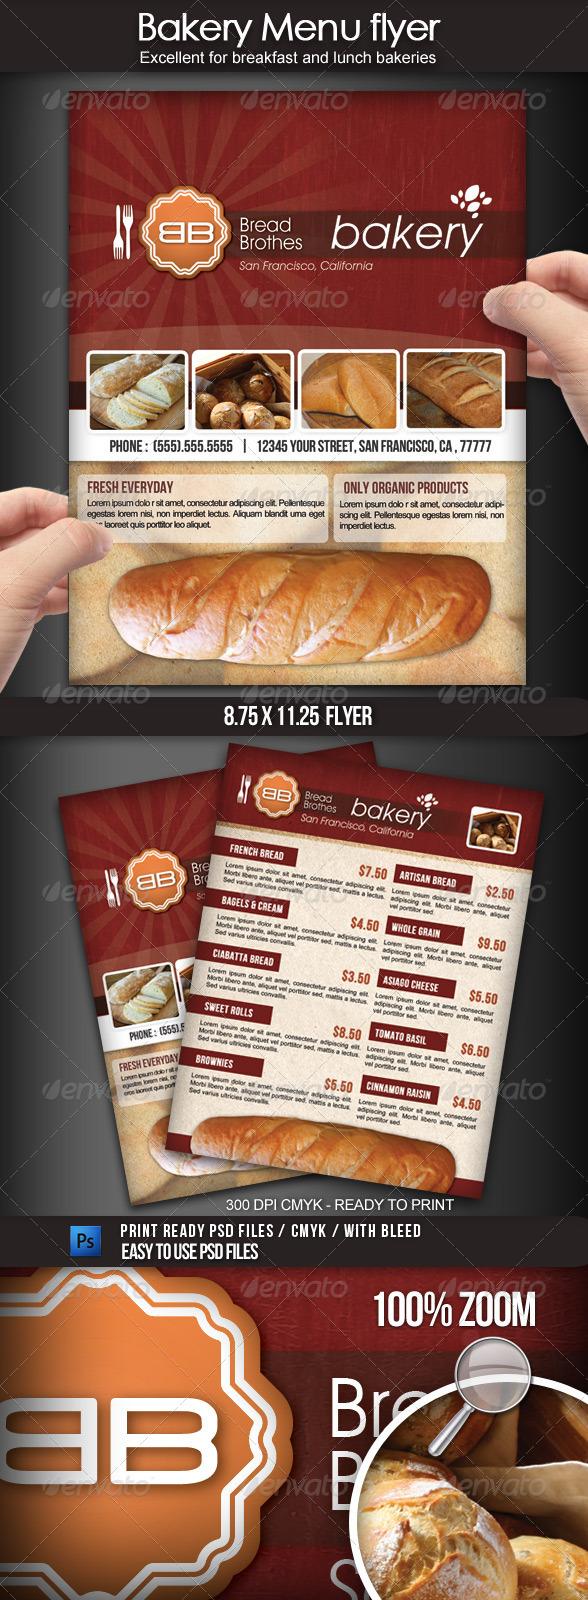 Bakery Flyer Templates Free